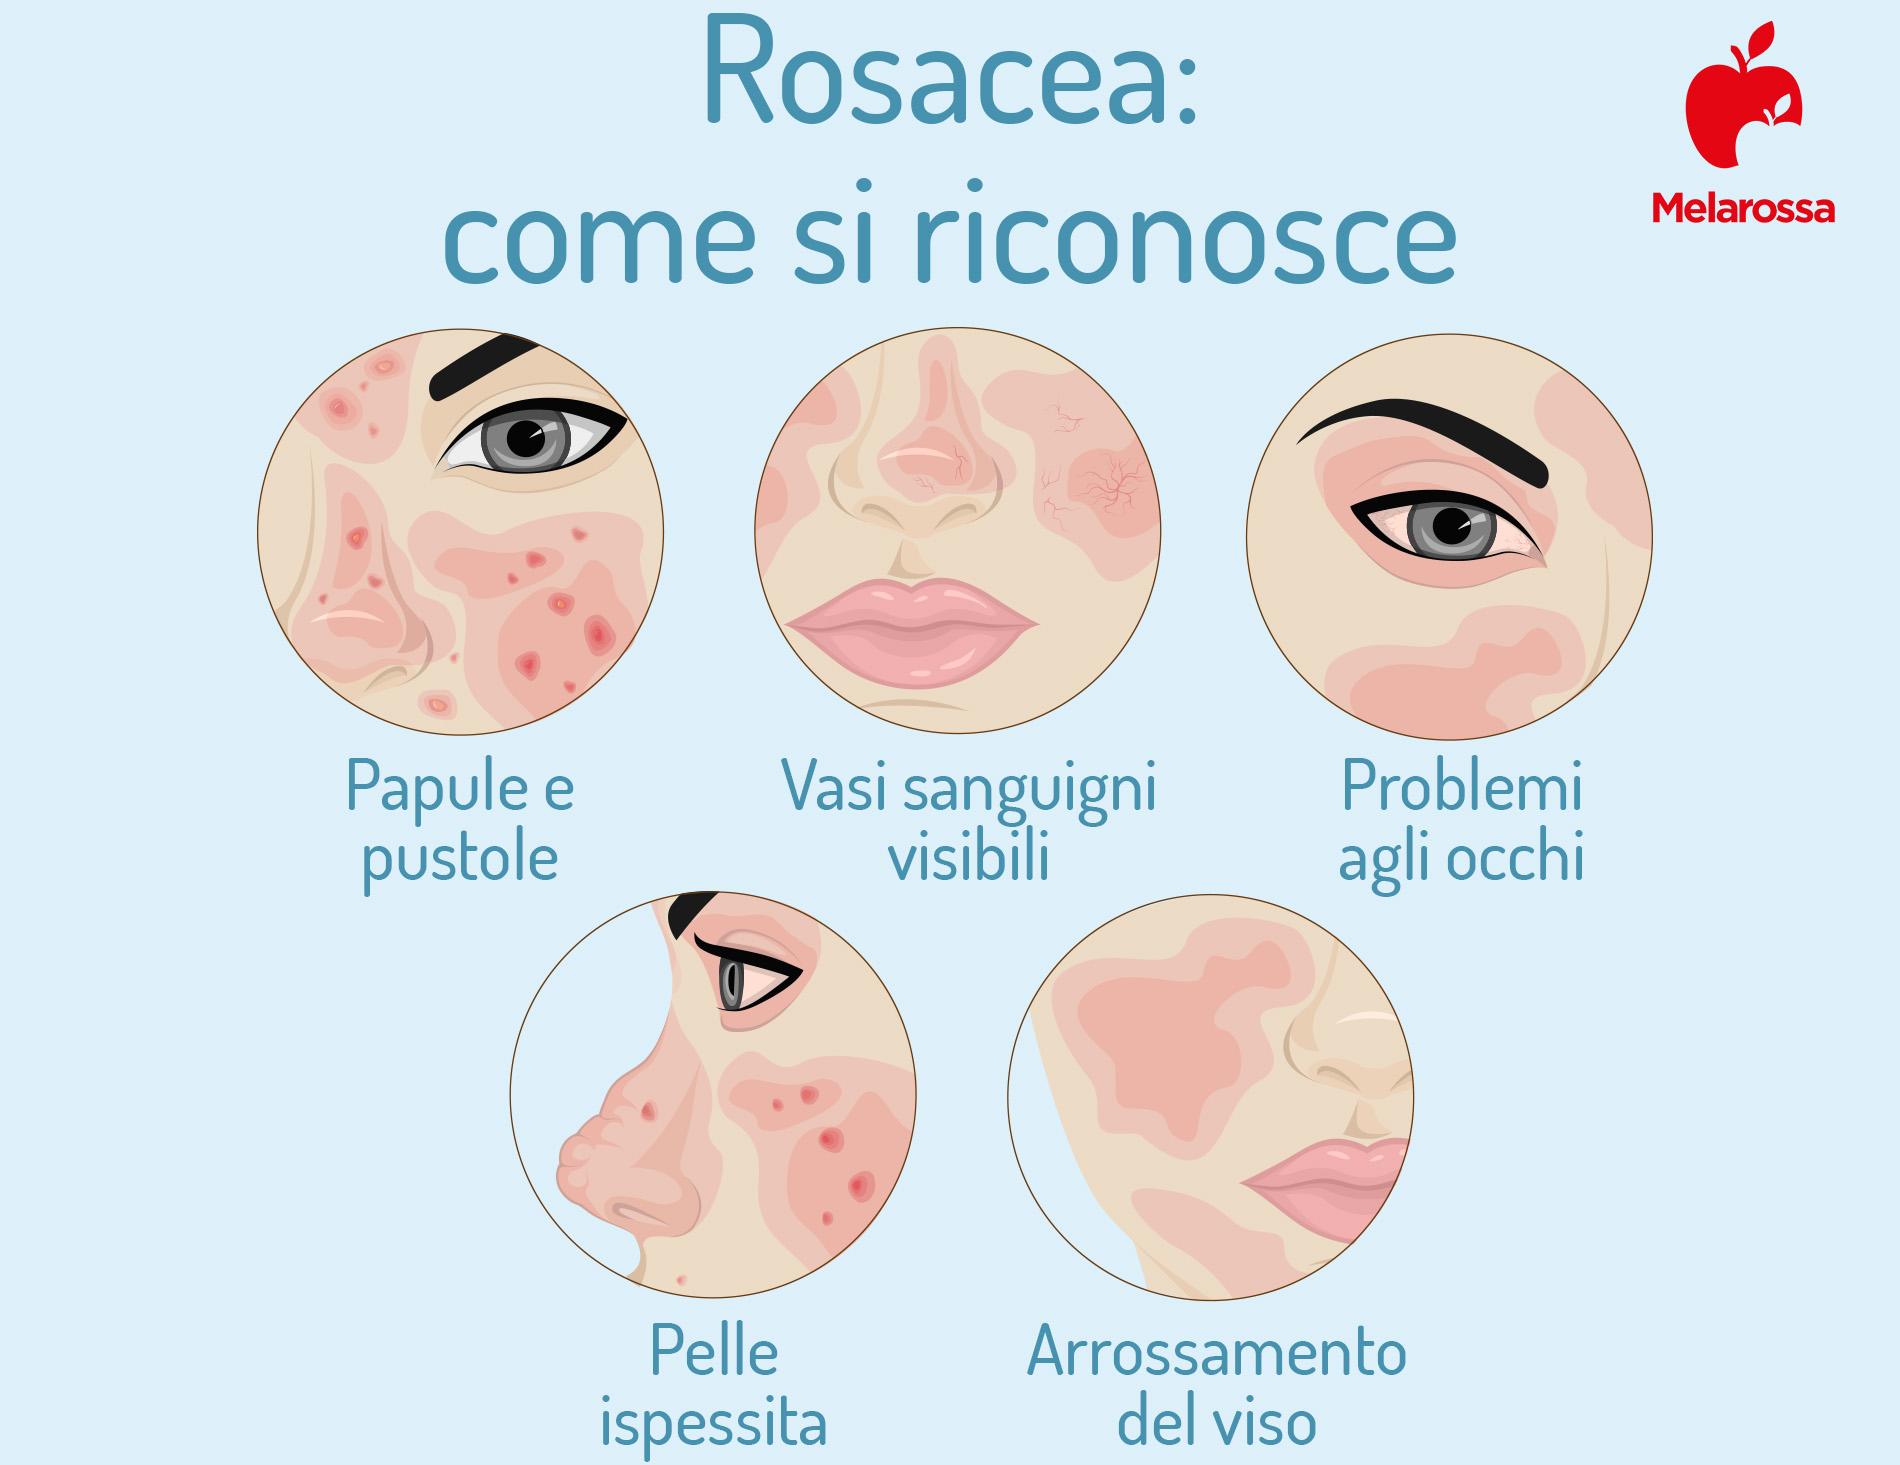 rosacea: come si riconosce